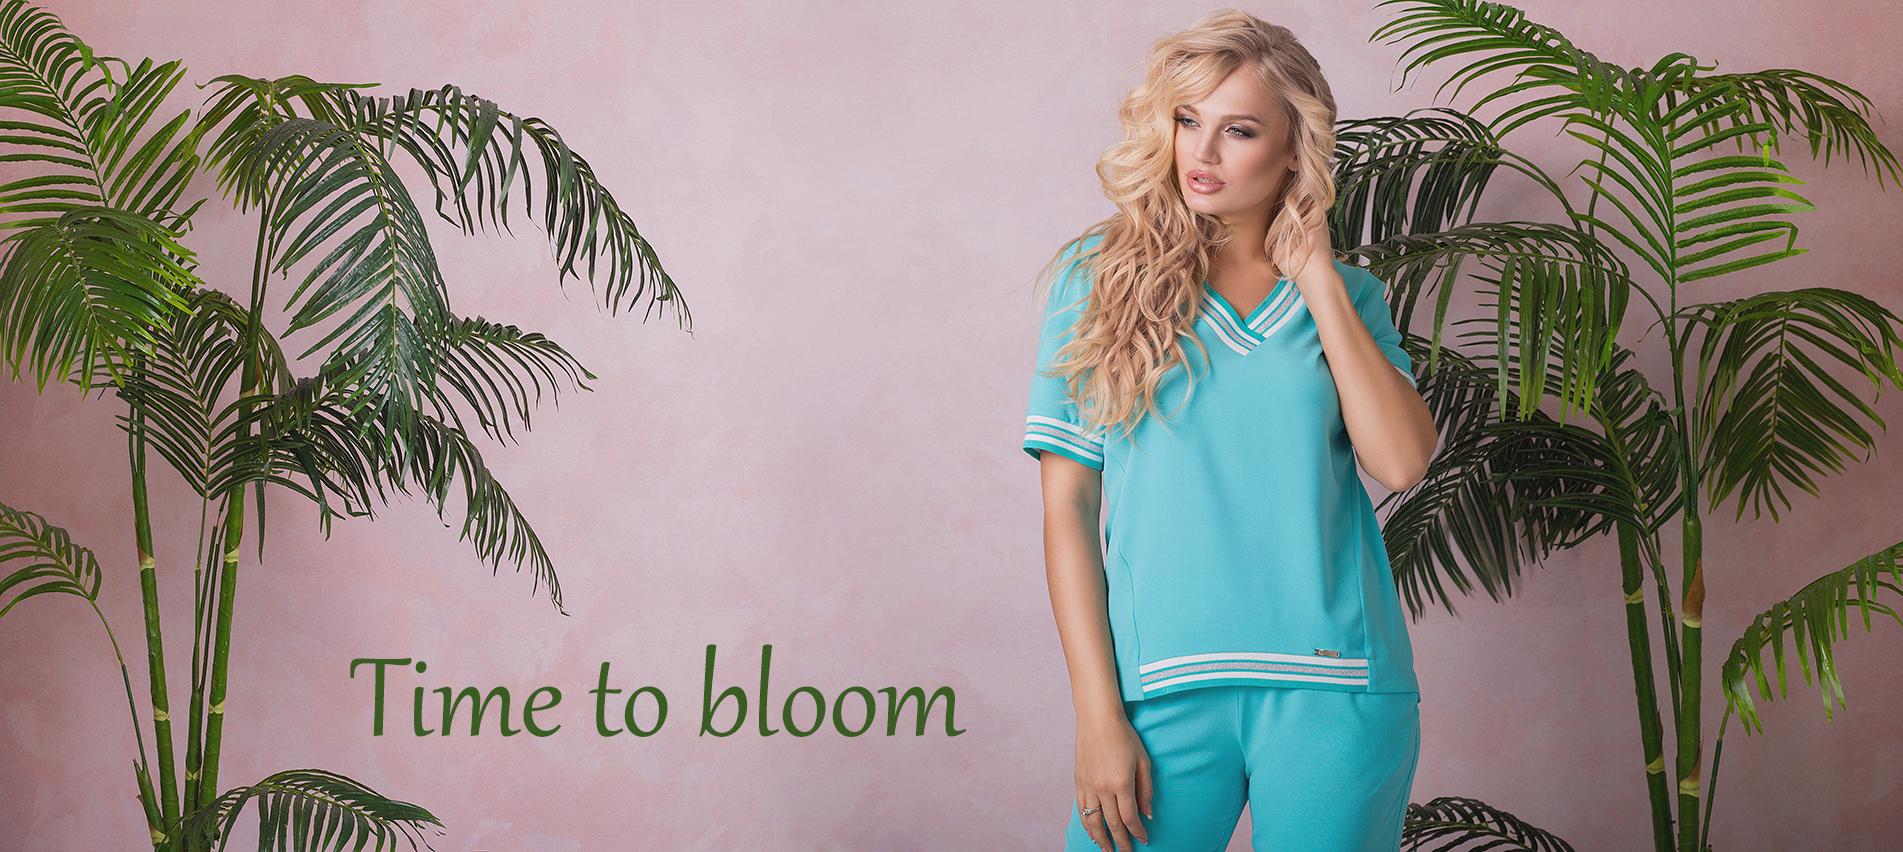 efa1b6070b9 Женская одежда от производителя оптом и в розницу в интернет-магазине  (Фабрика) LUZANA в Украине